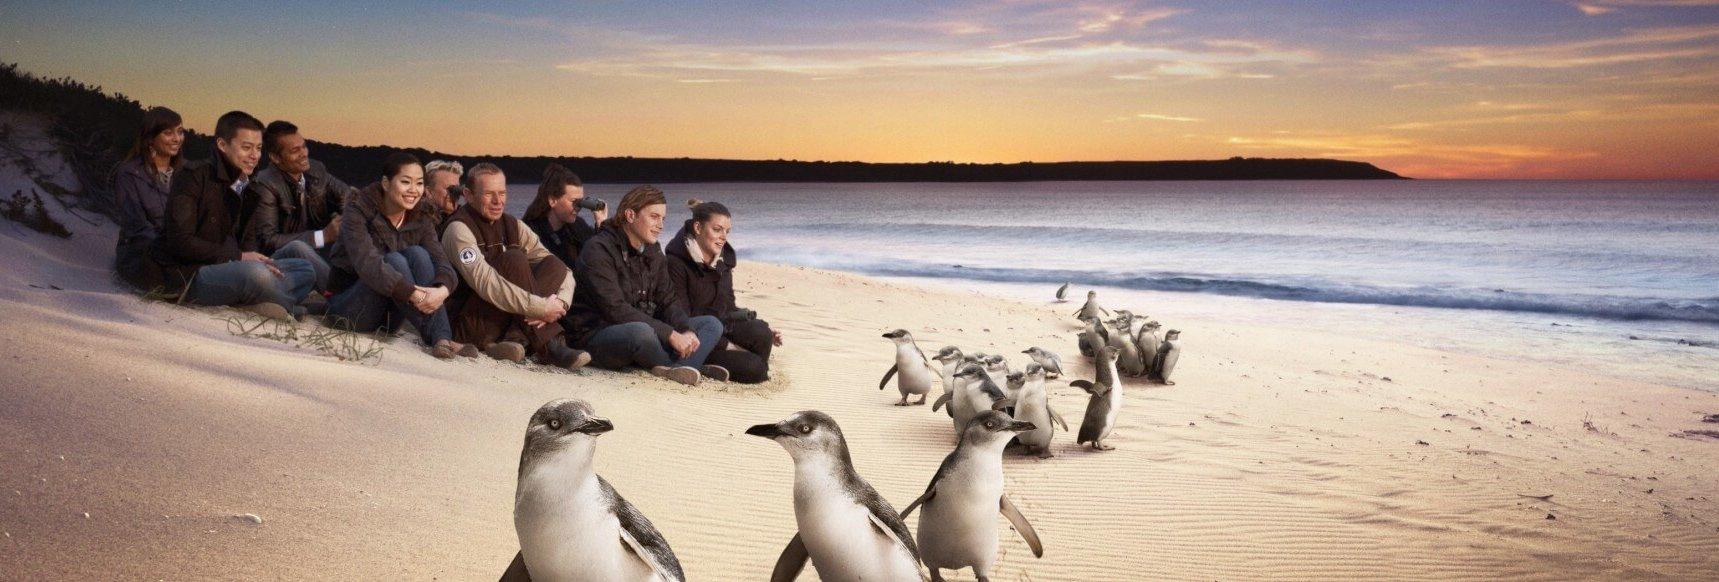 Philip Island Trip - Penguin Parade